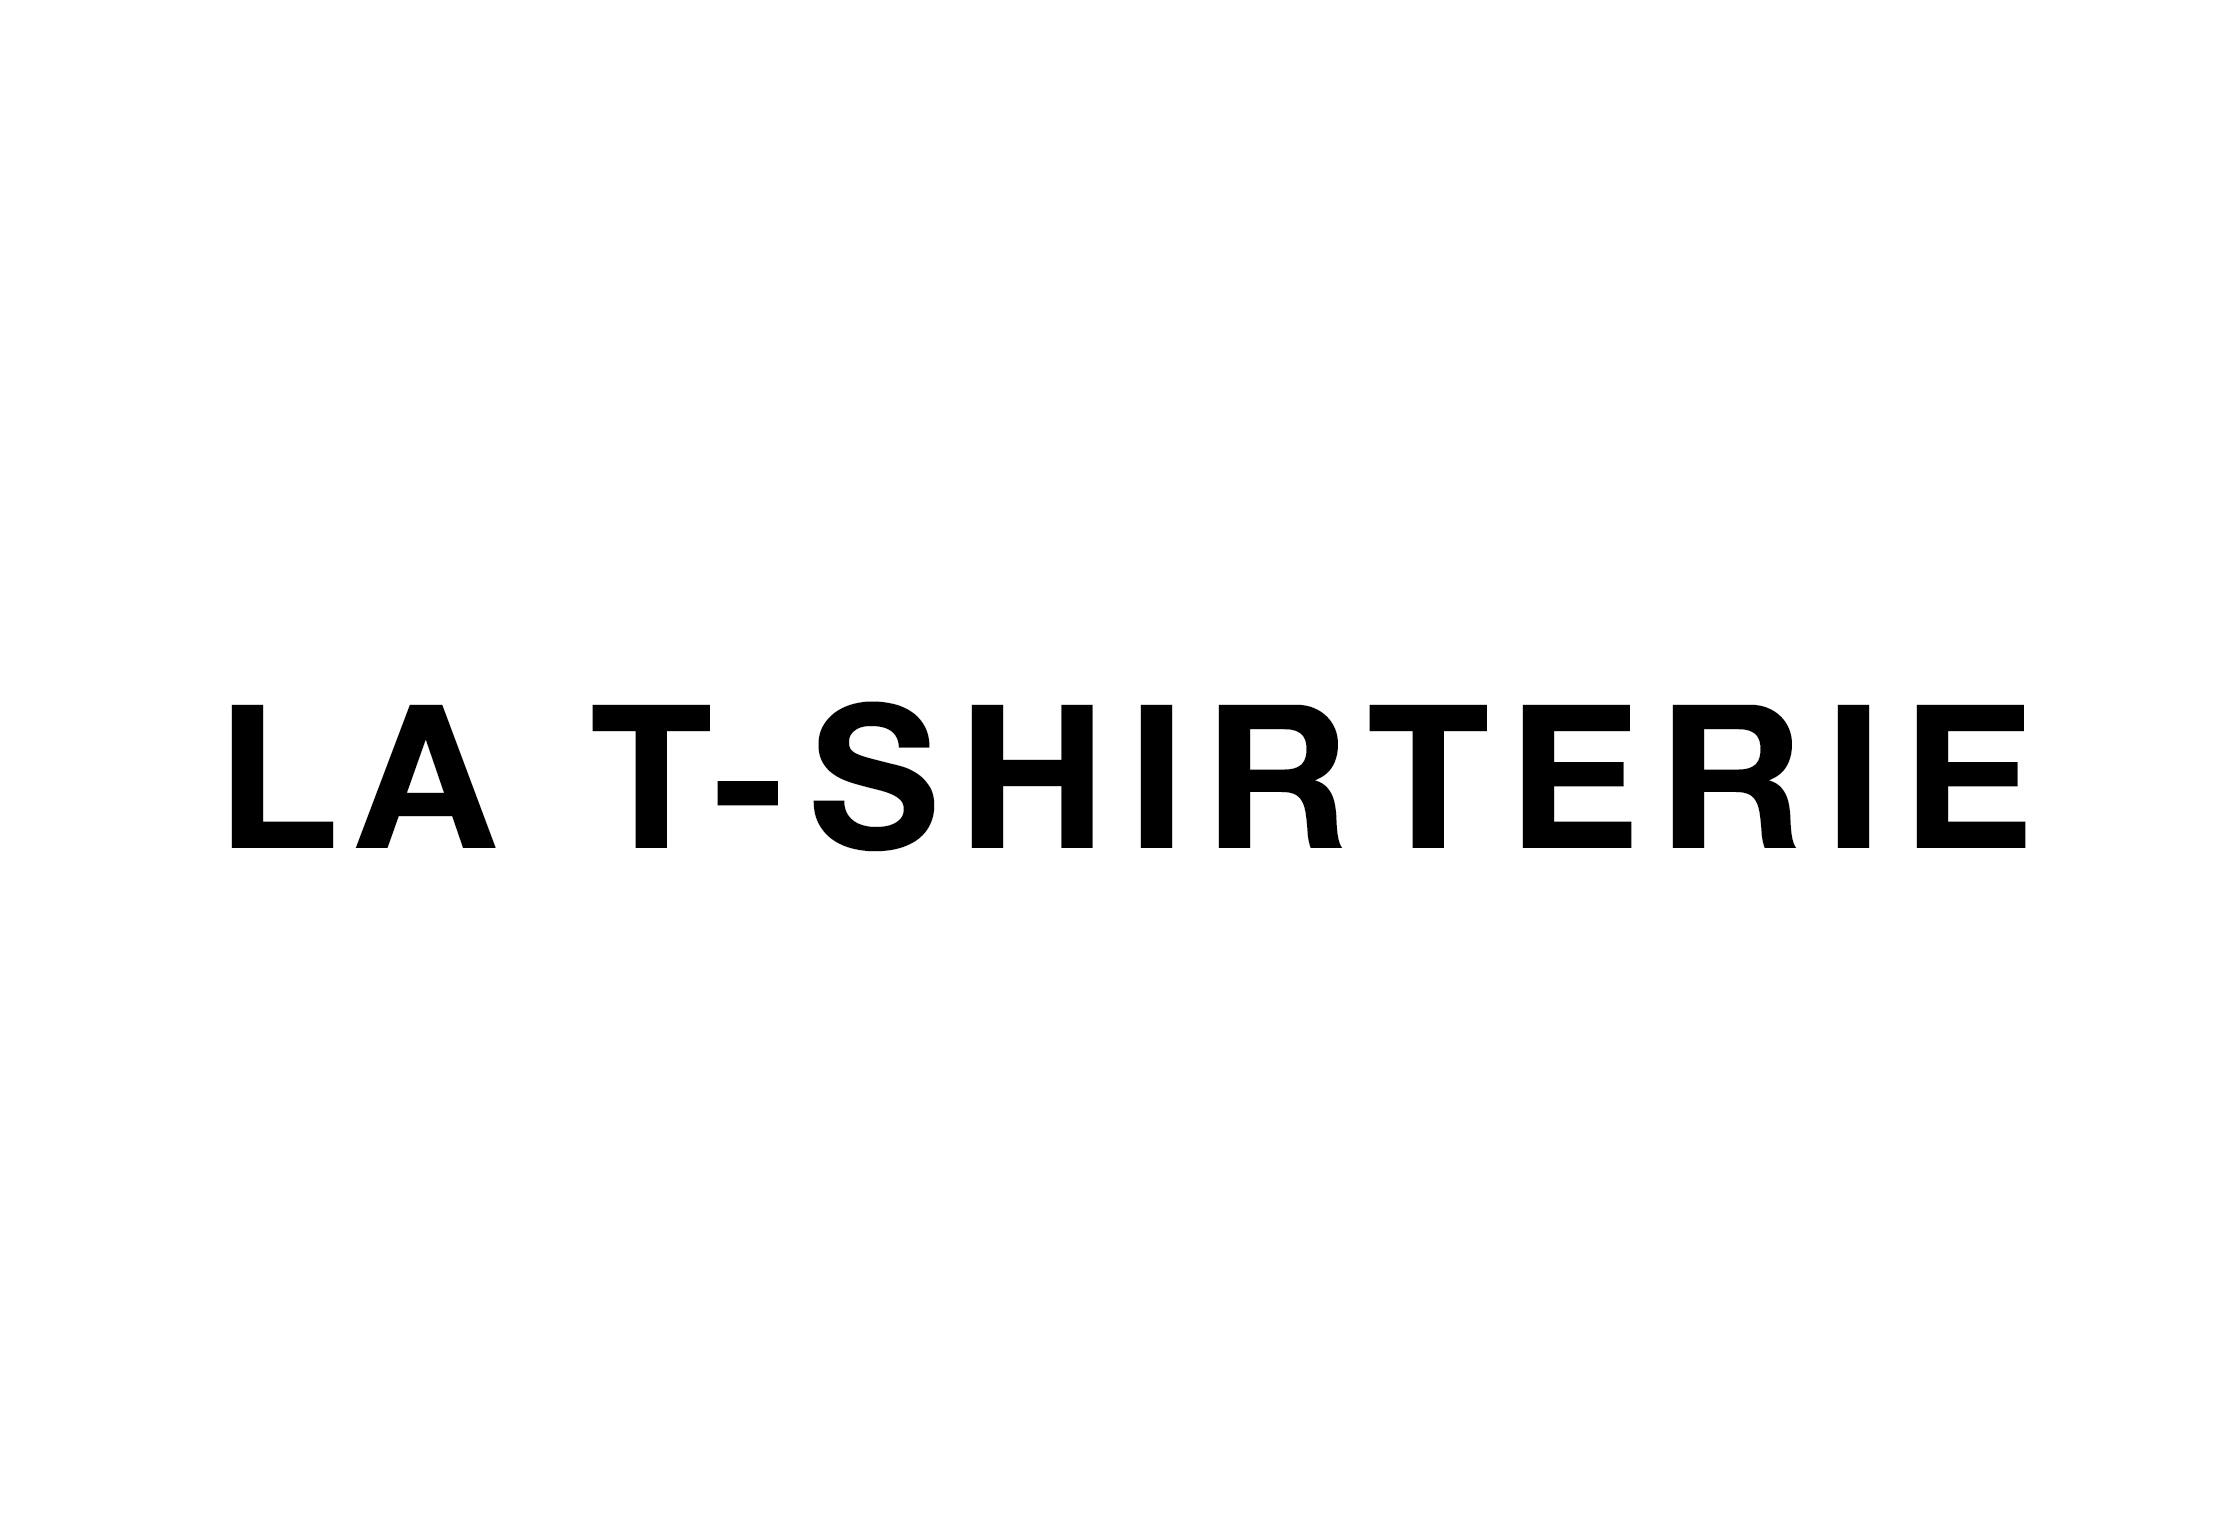 Das Mot La T-shirterie